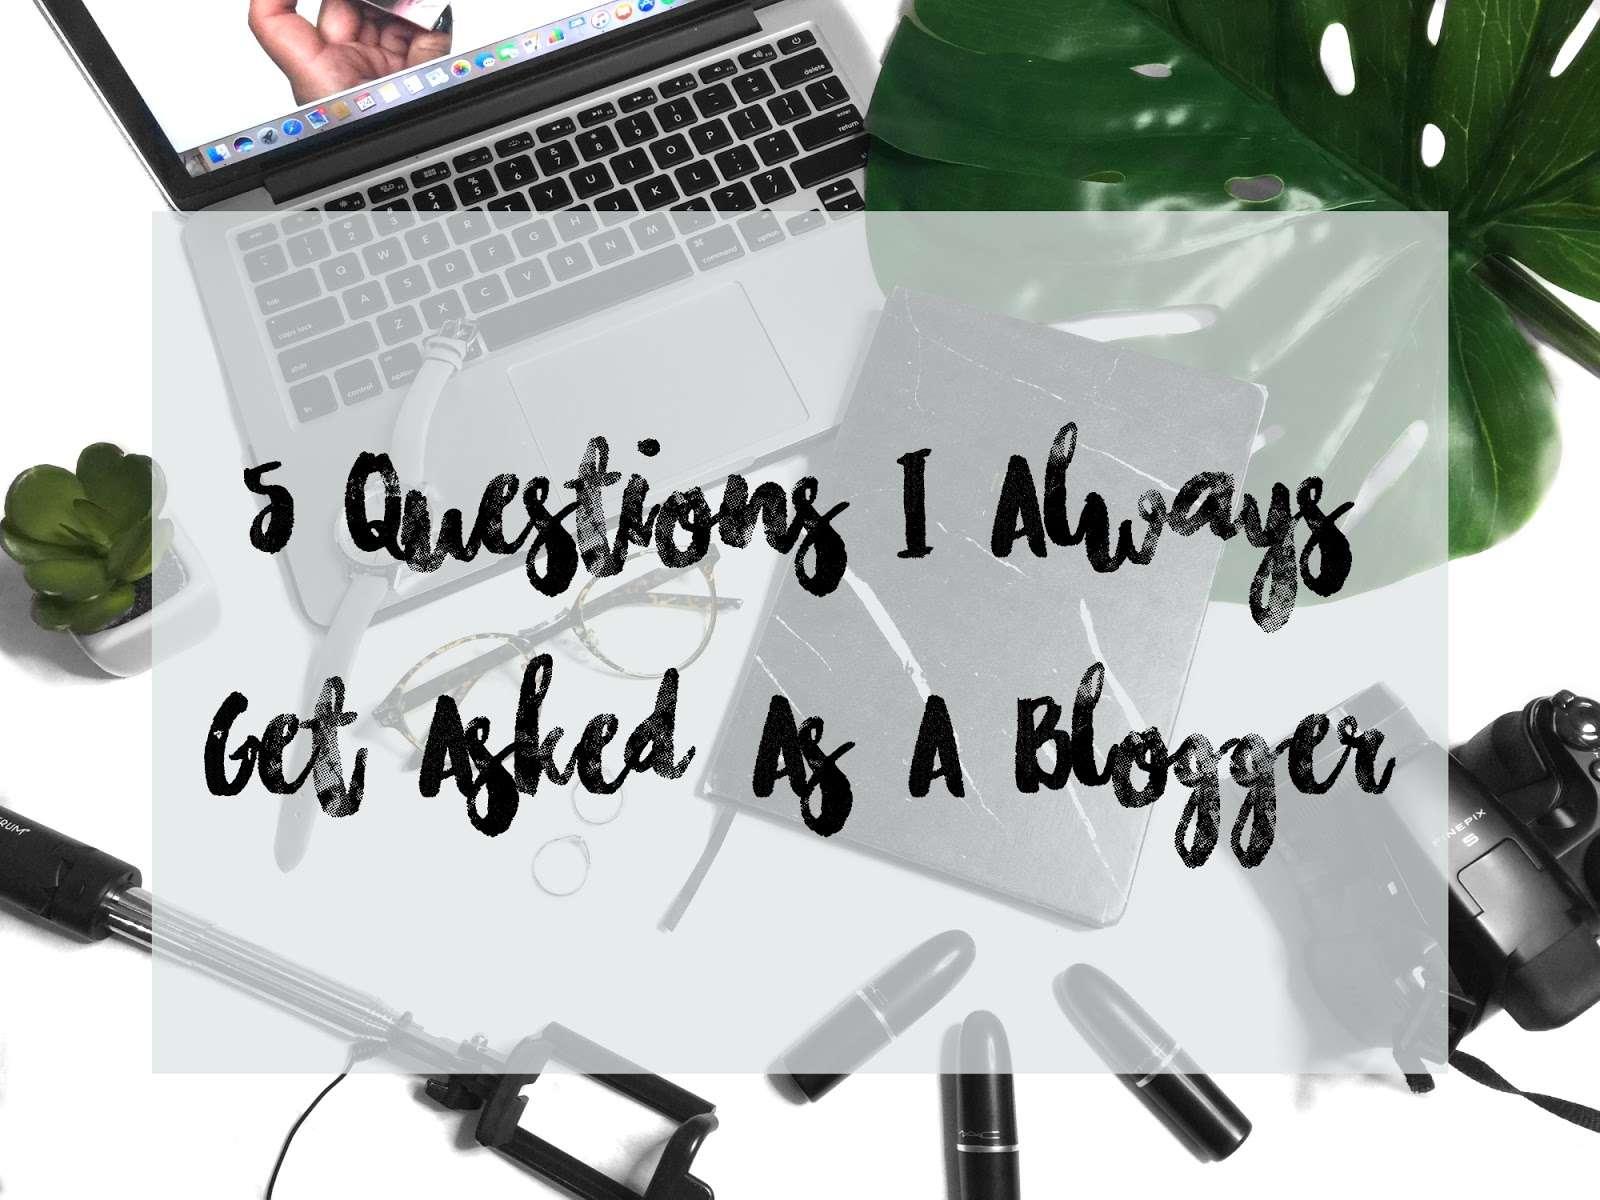 Confessions of a non-conformist blogger